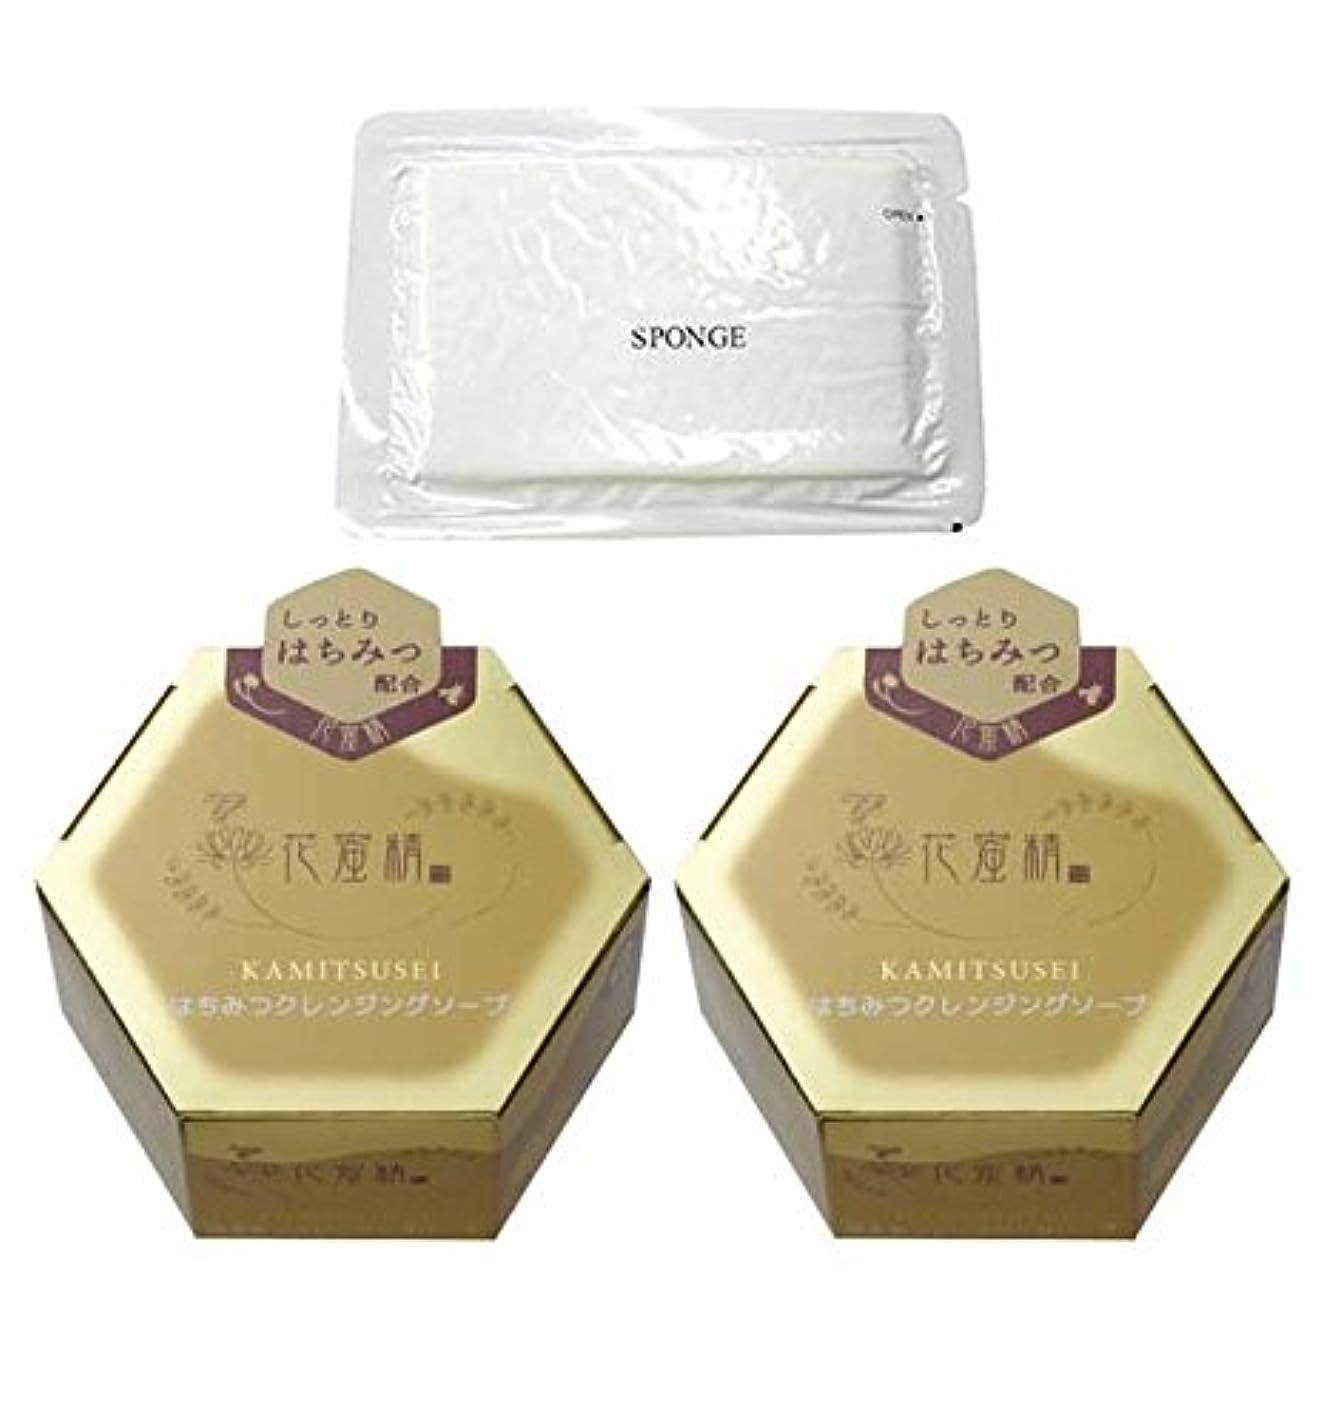 デッドロック文芸チーム花蜜精 はちみつクレンジングソープ 85g 2個 + 圧縮スポンジセット